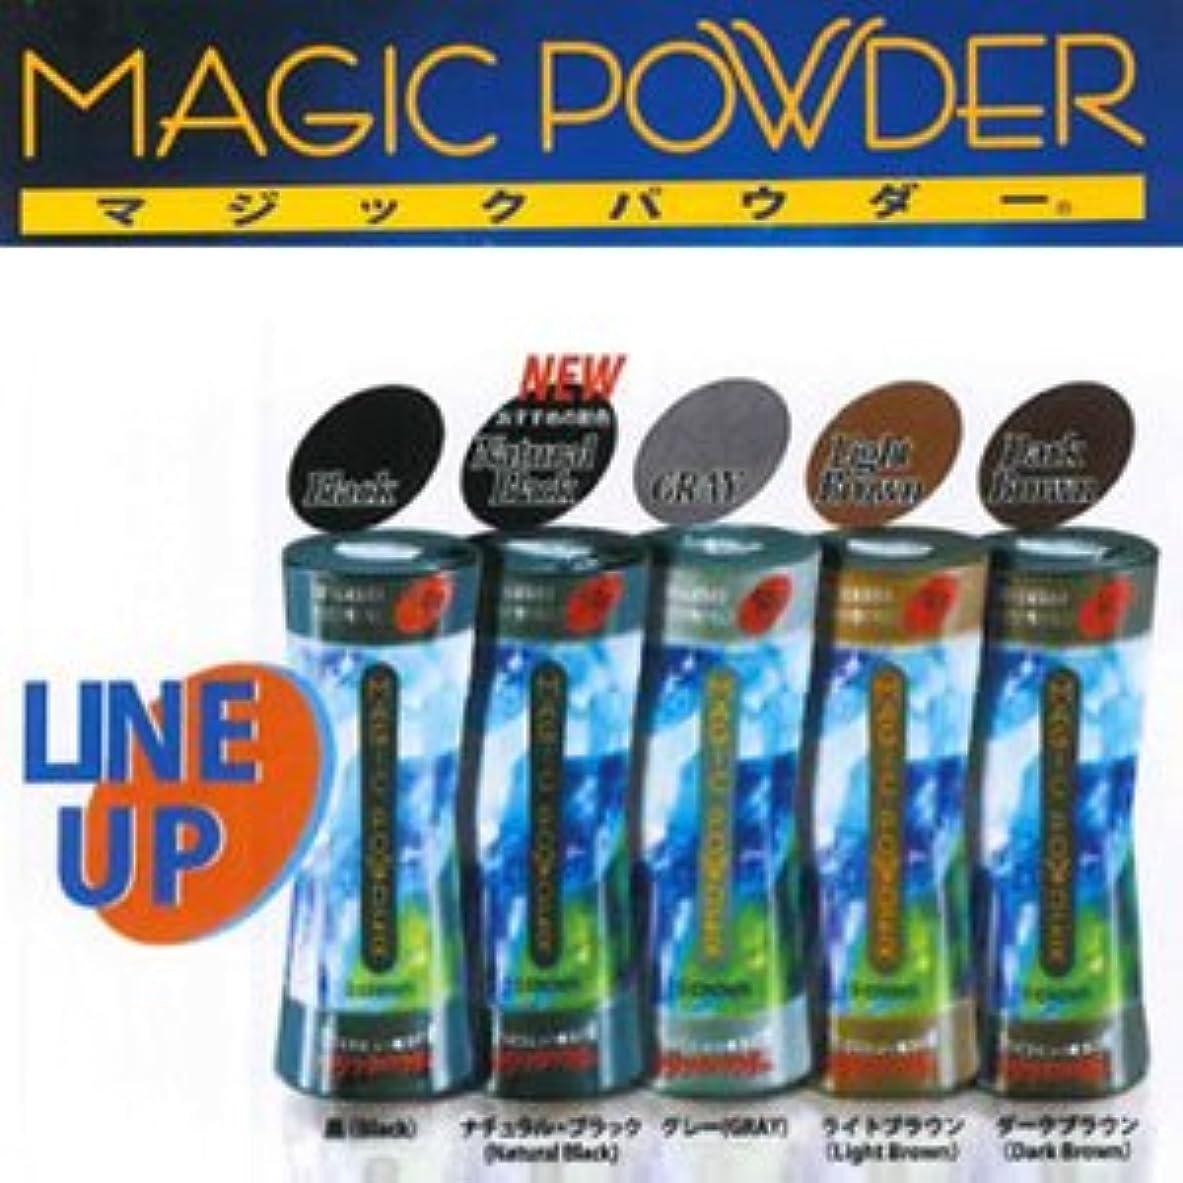 ネックレット郵便物艶MAGIC POWDER マジックパウダー ナチュラル?ブラック 50g 2個セット ※貴方の髪を簡単ボリュームアップ!